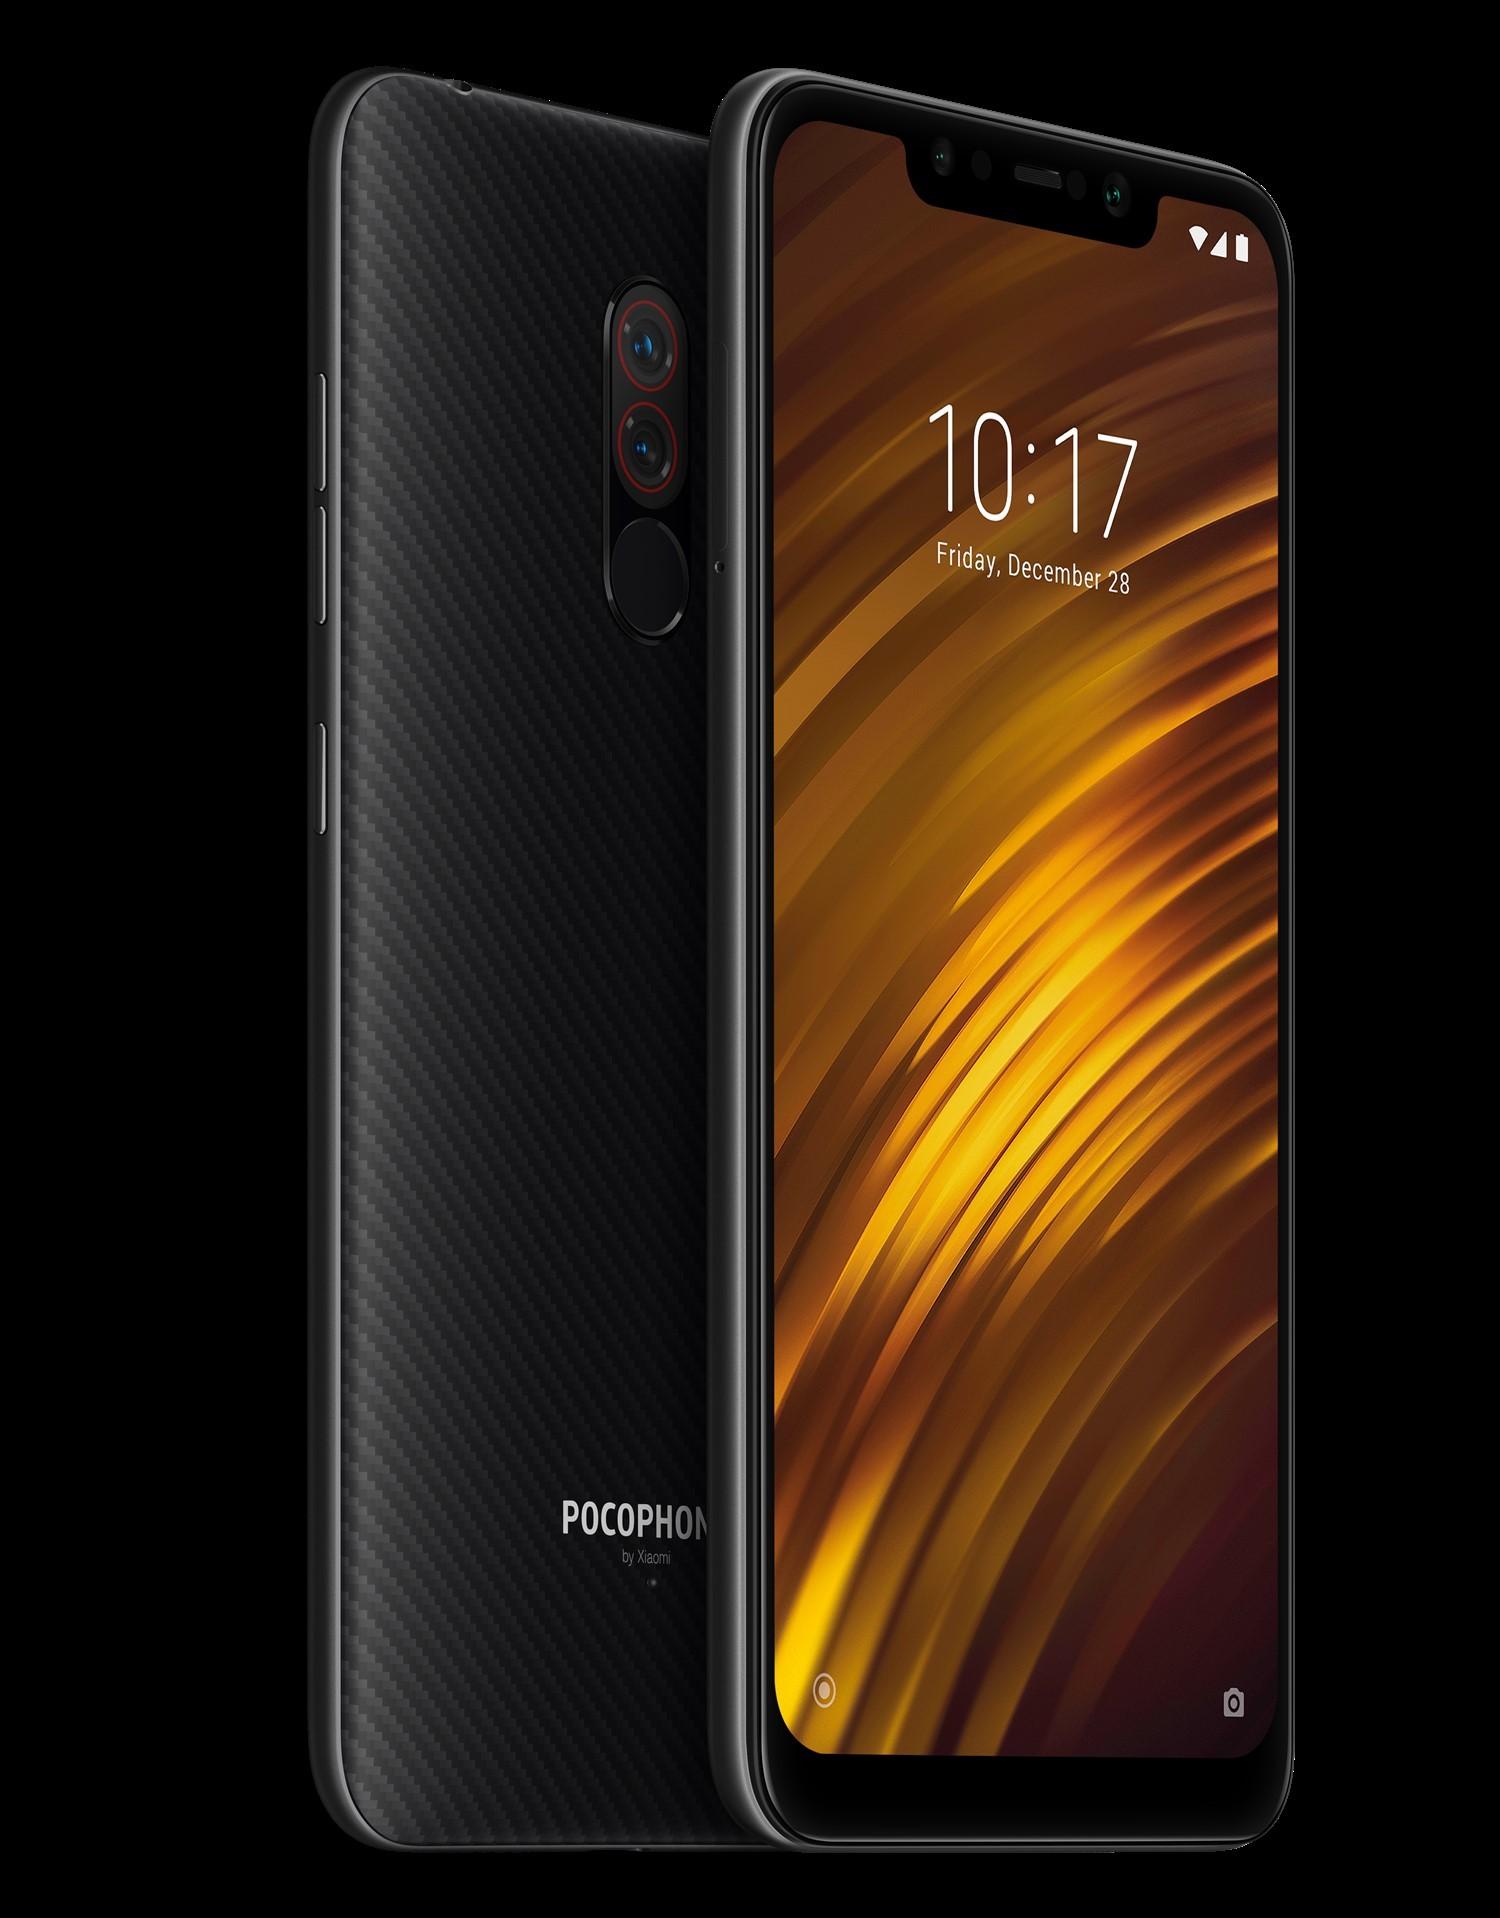 poco f1 smartphone